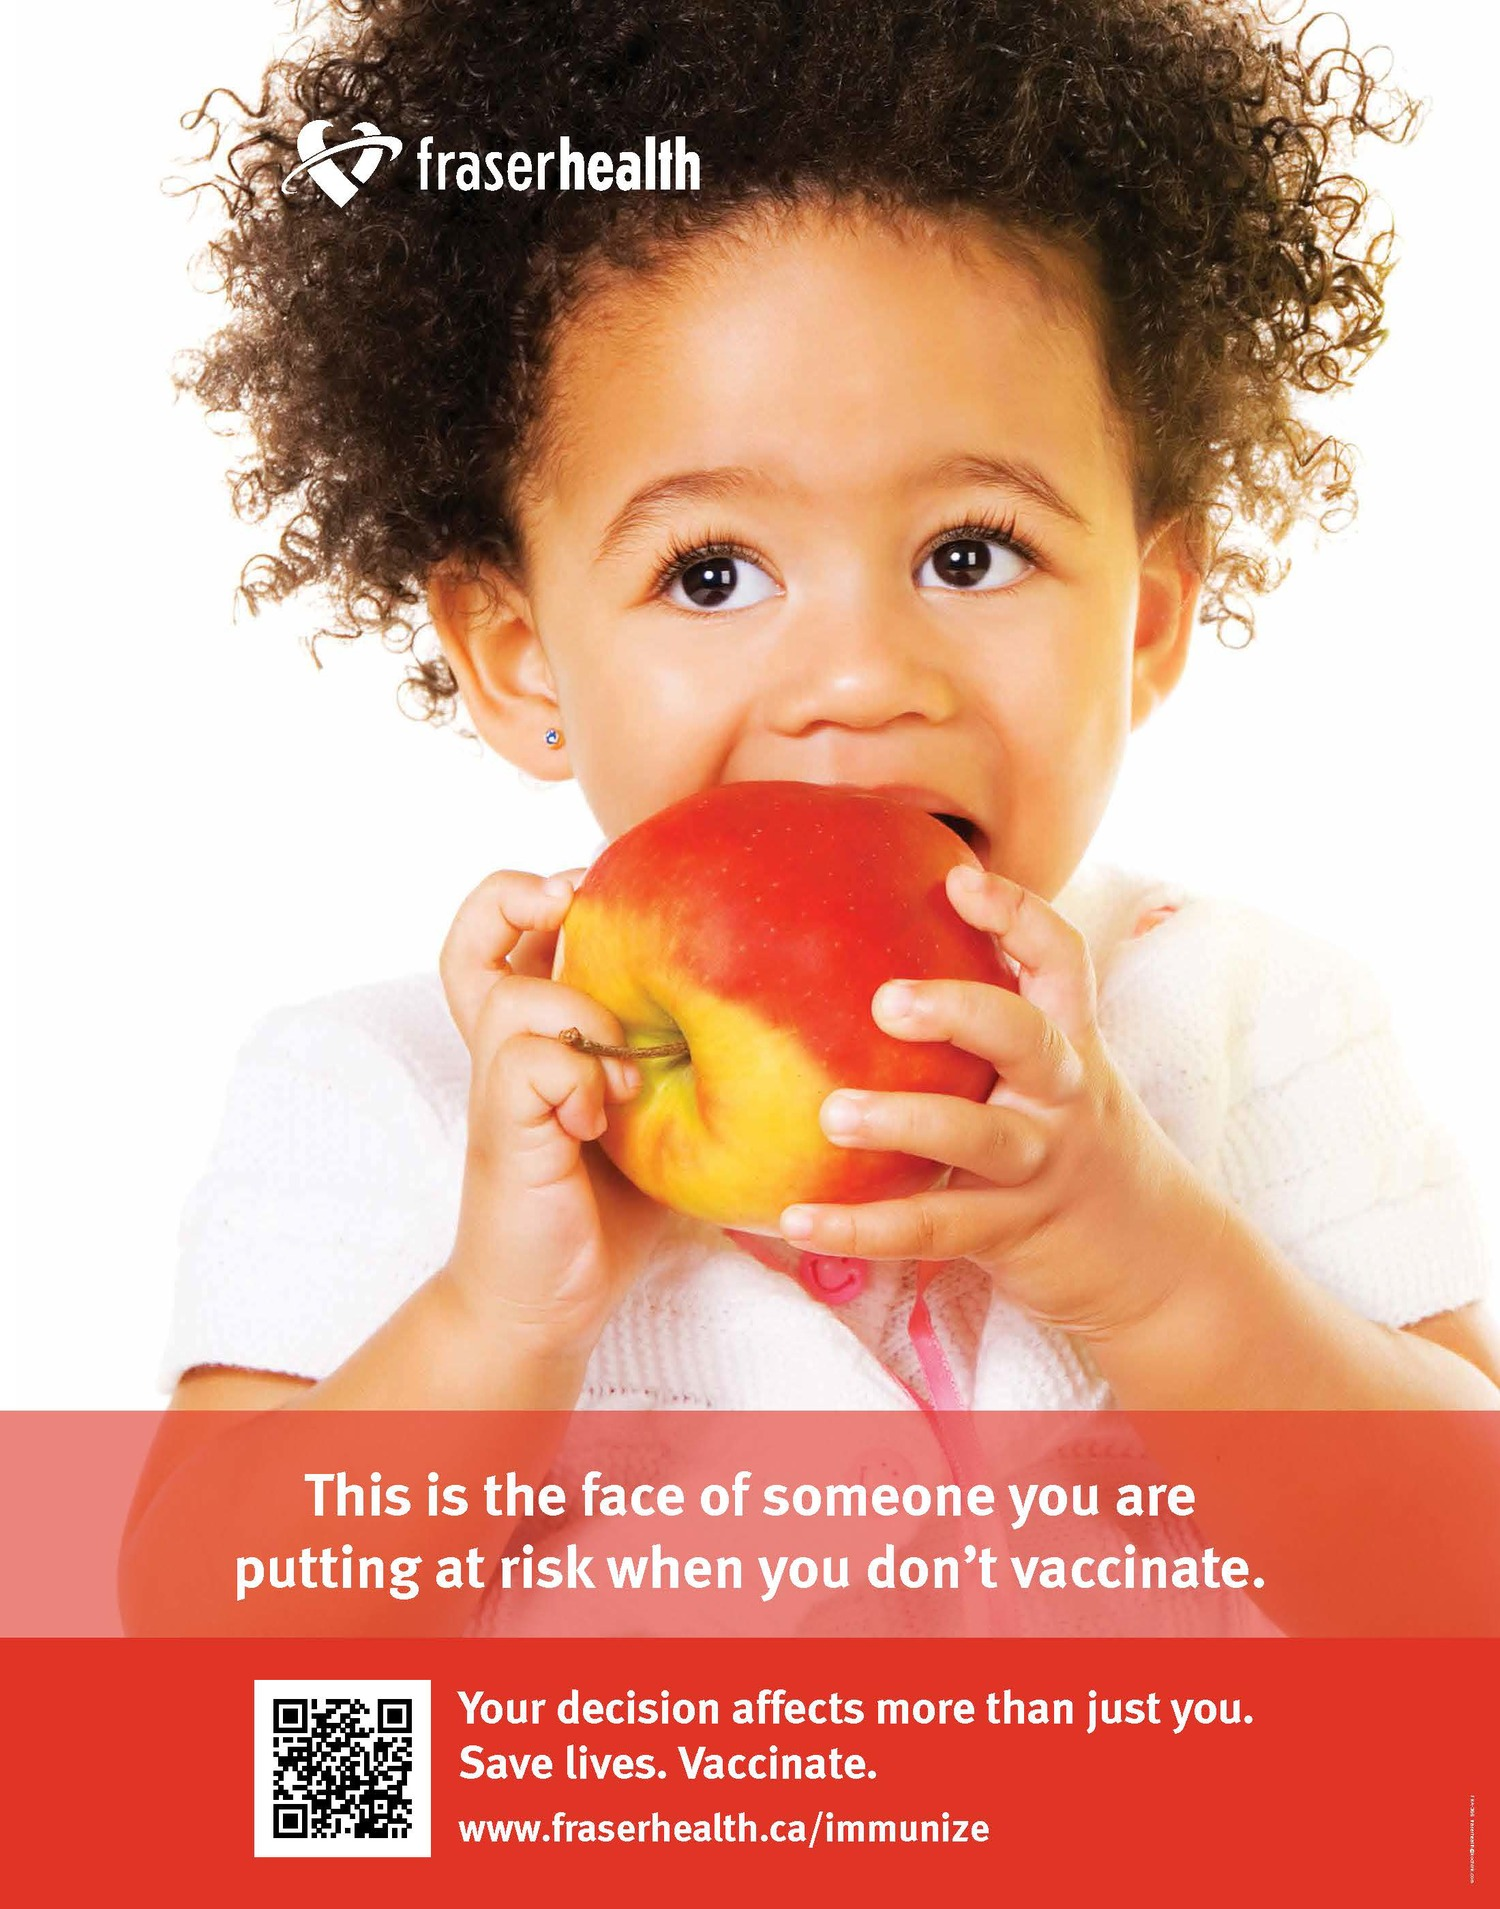 Fraser Health poster